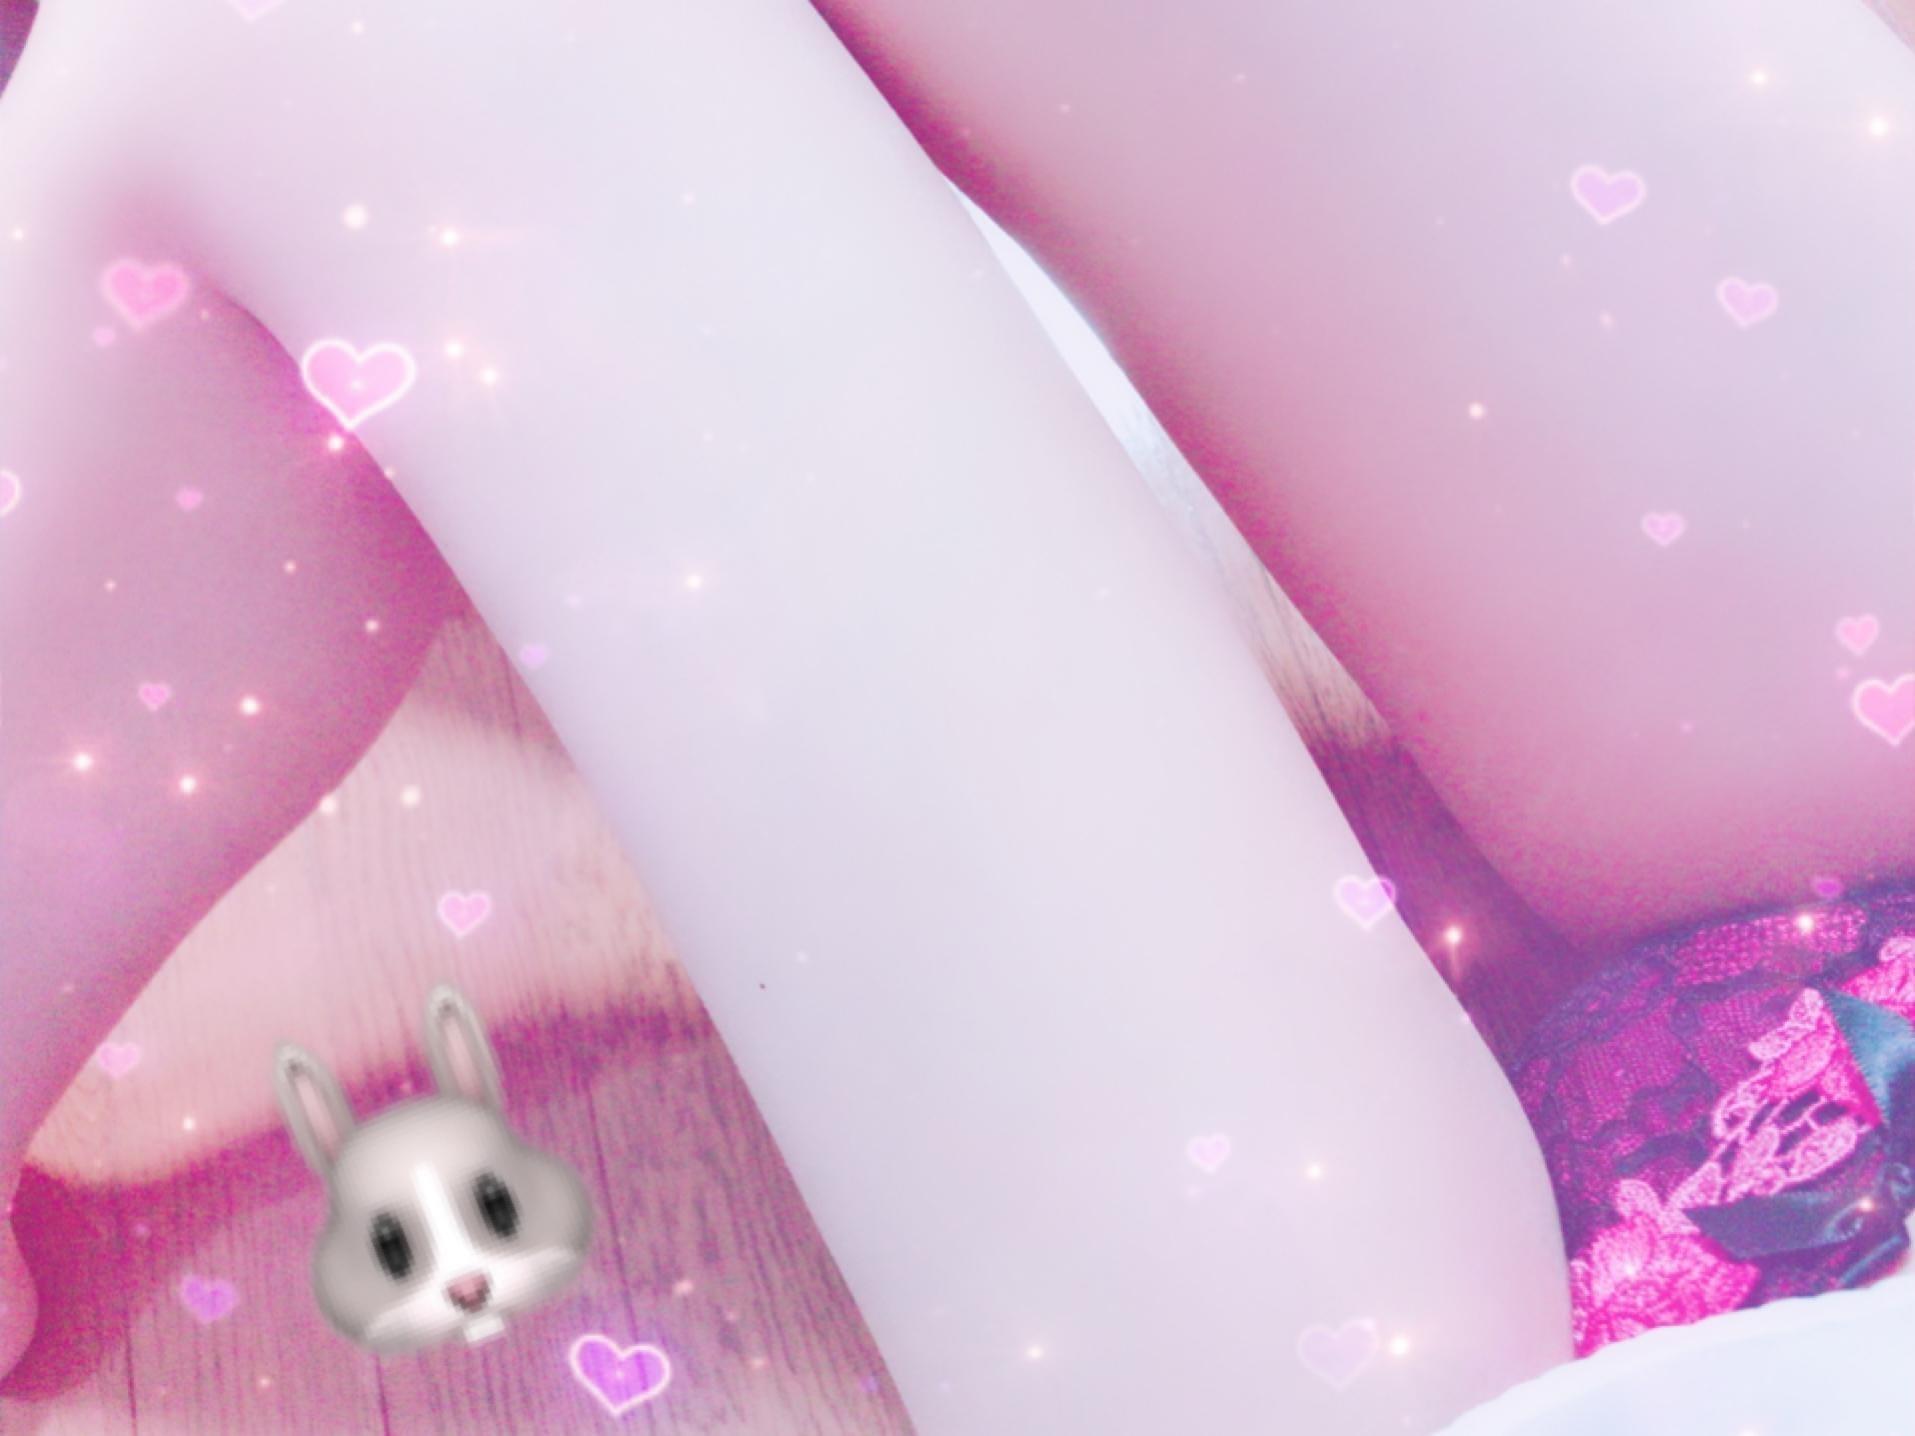 「おれい」10/20(土) 04:25 | みなみ☆極上スレンダー美少女の写メ・風俗動画